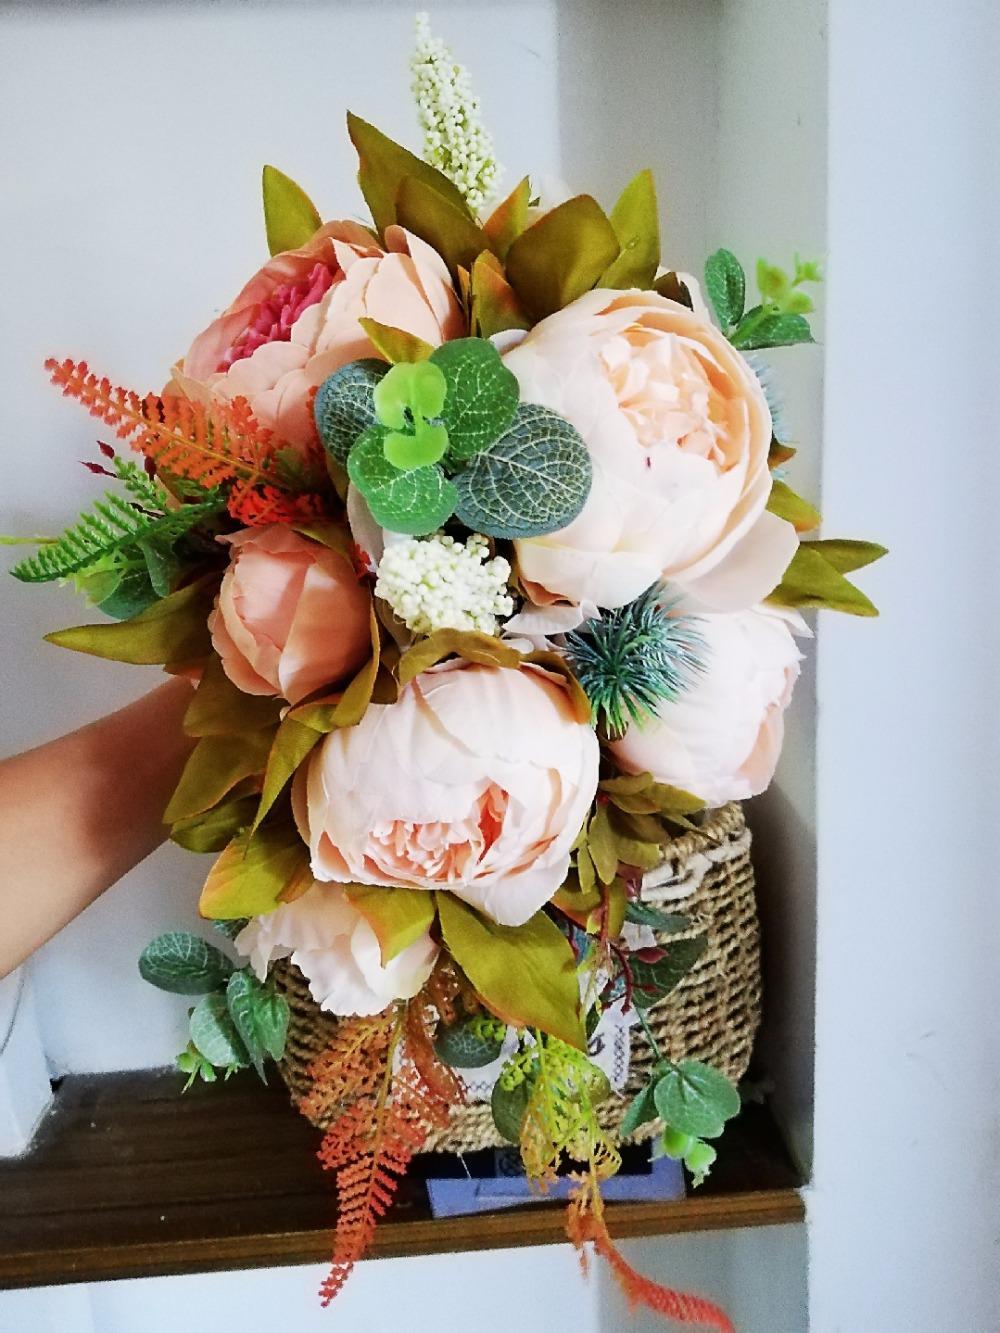 새로운 아름다운 핑크 웨딩 부케 모든 수제 신부의 꽃 인공 수국 피 오니 로즈 나비 브로치 부케